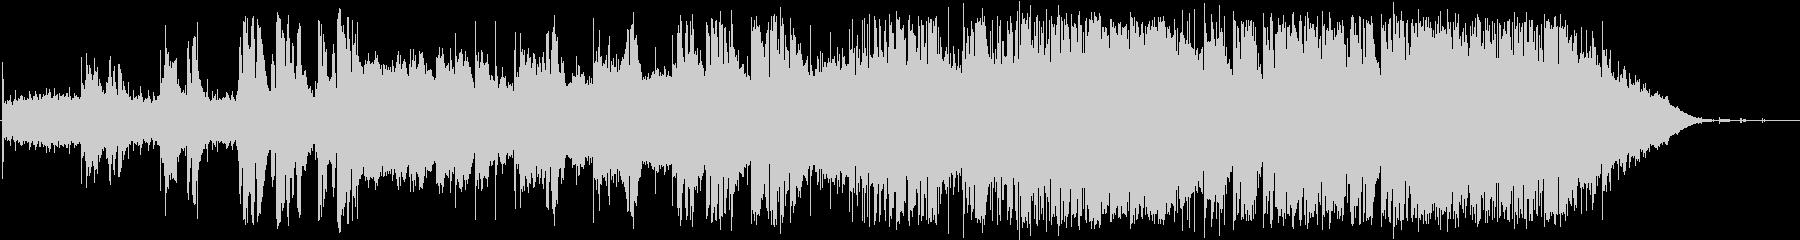 英語洋楽:ピンクフロイド・狂気 最終曲風の未再生の波形